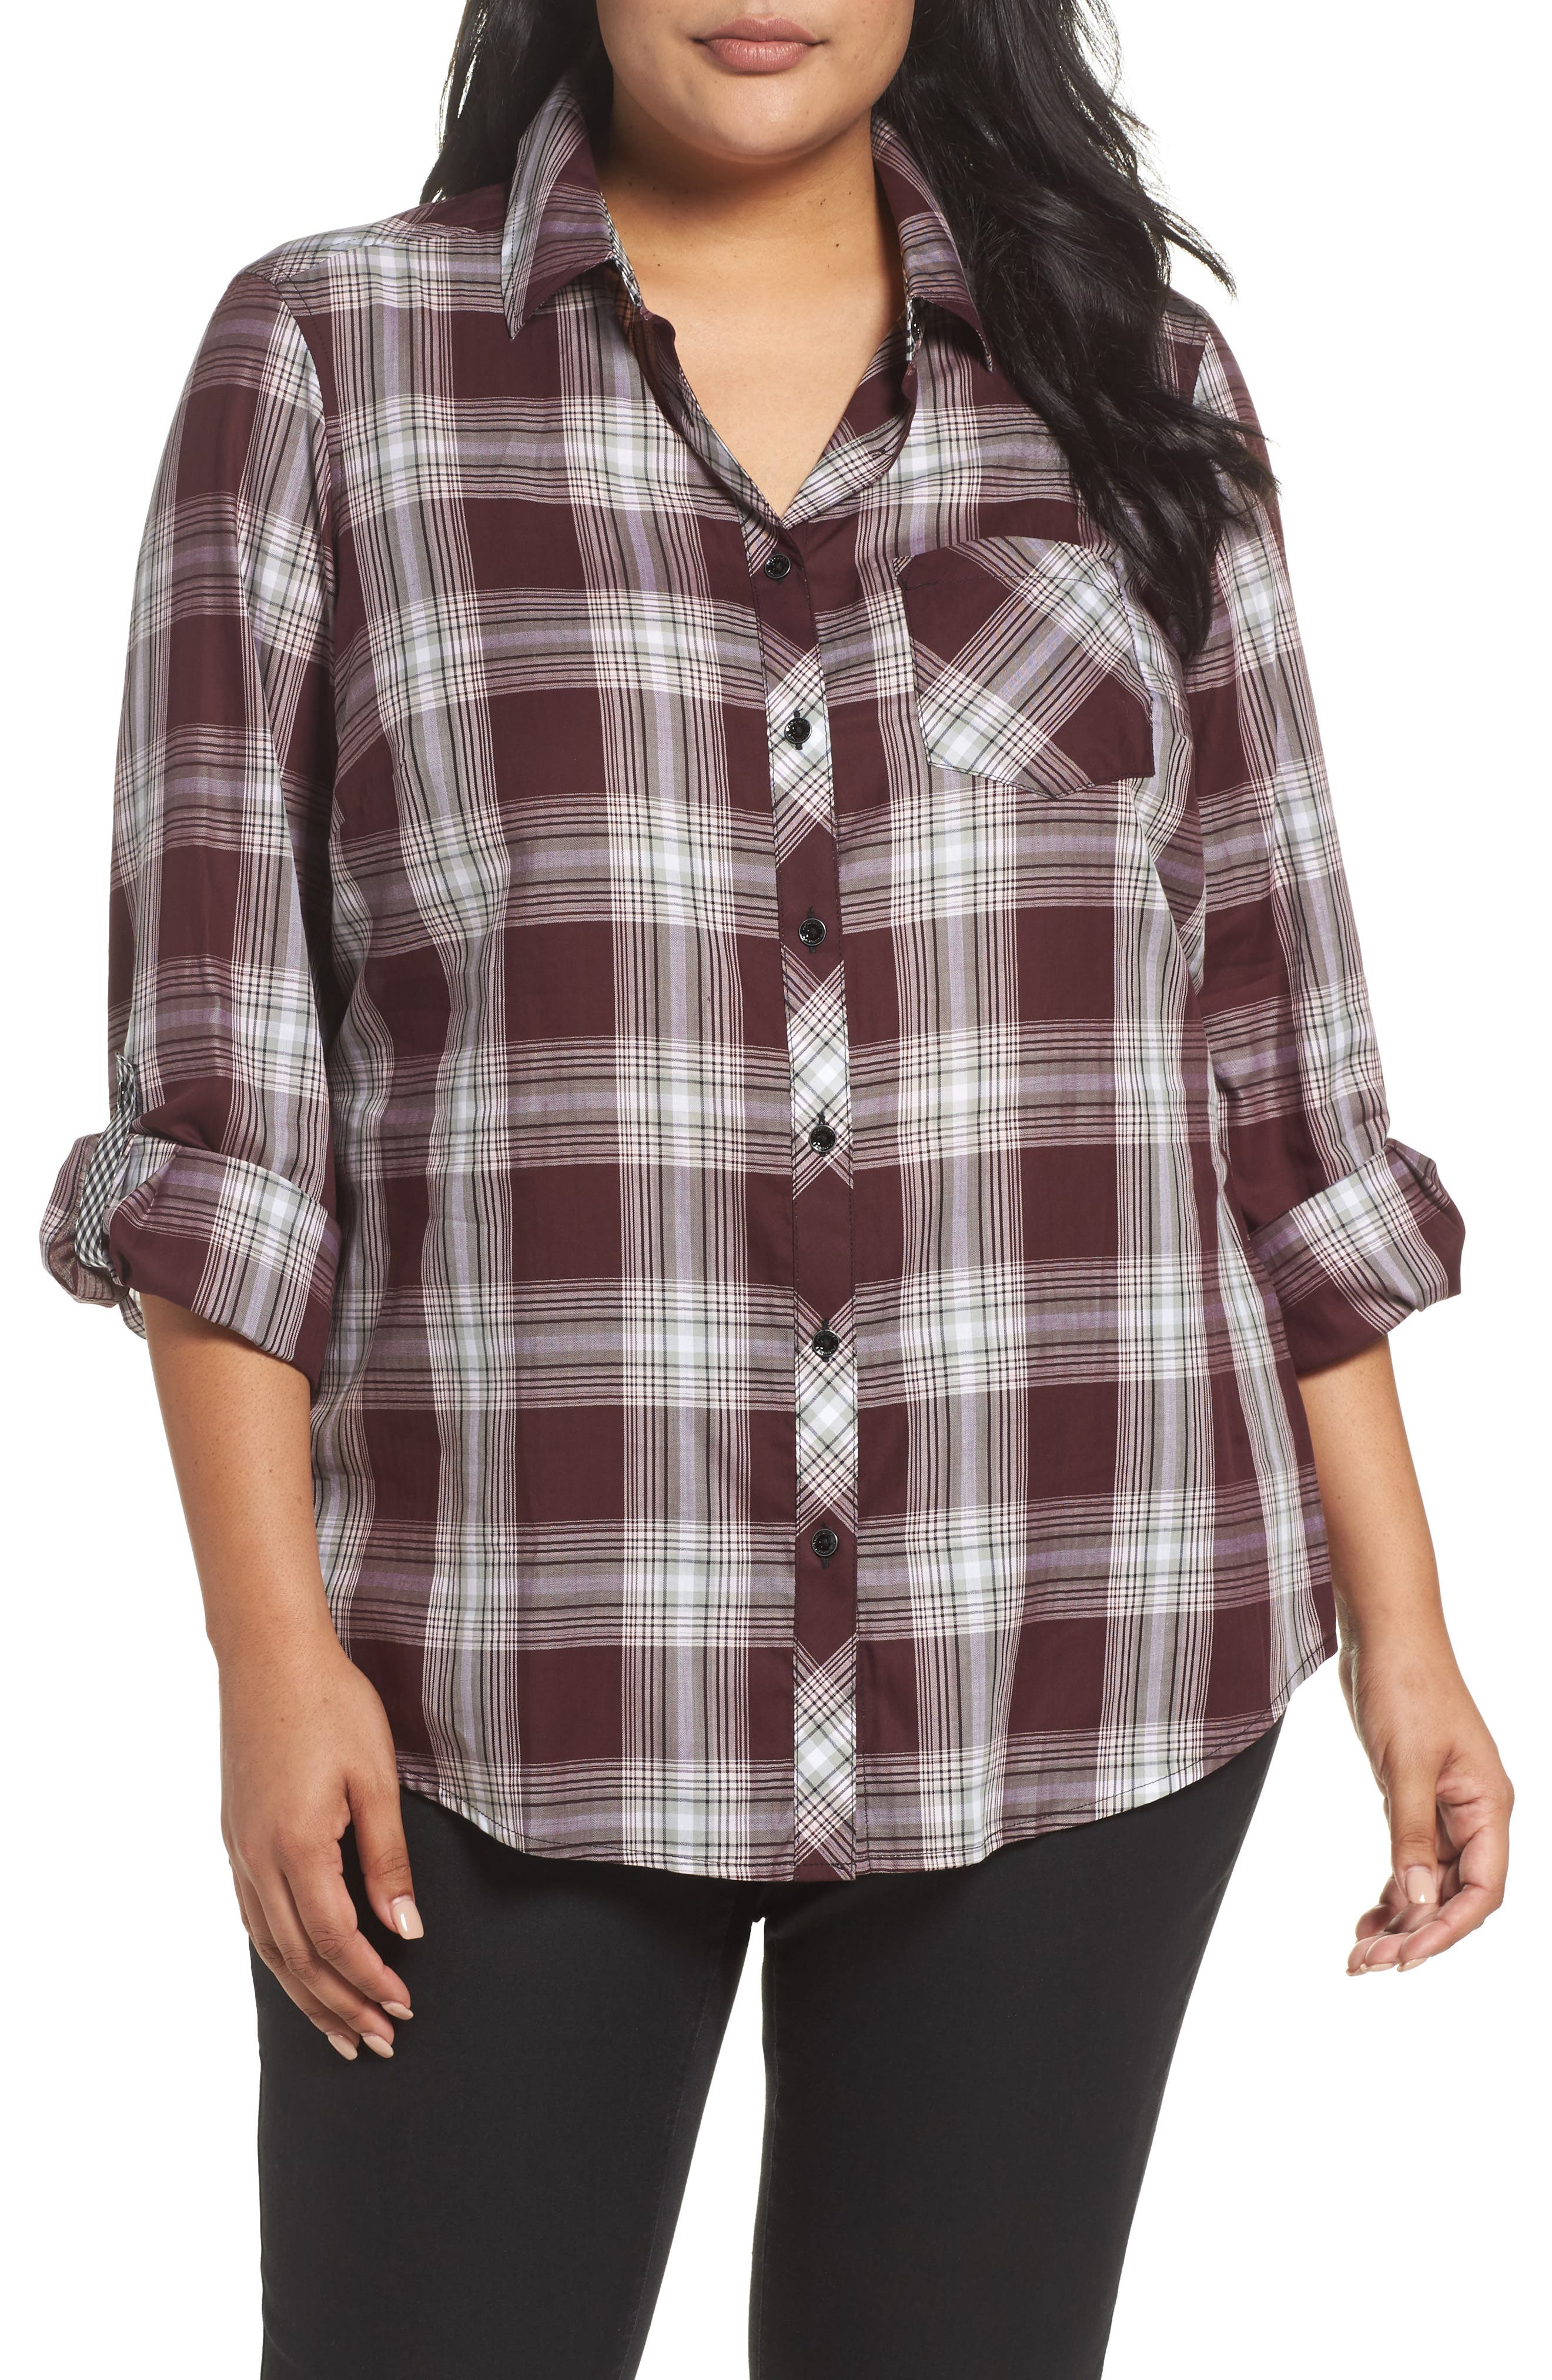 Addison Plaid Cotton Shirt,                             Main thumbnail 1, color,                             605